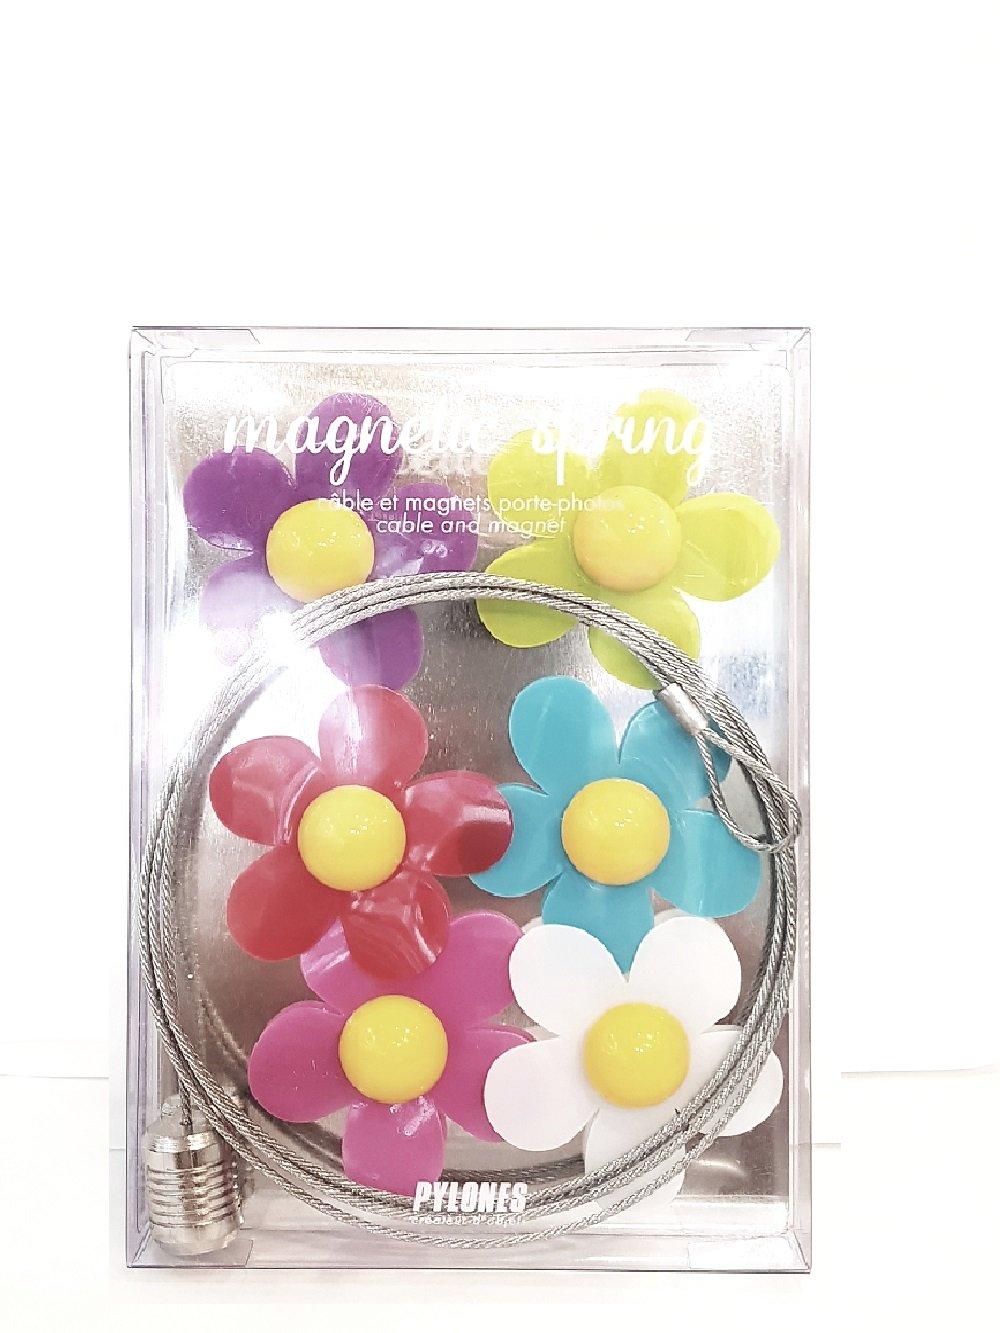 comment acheter Style classique livraison gratuite Pylones Magnetic Cable Wire for Photos and Magnets, Flowers ...